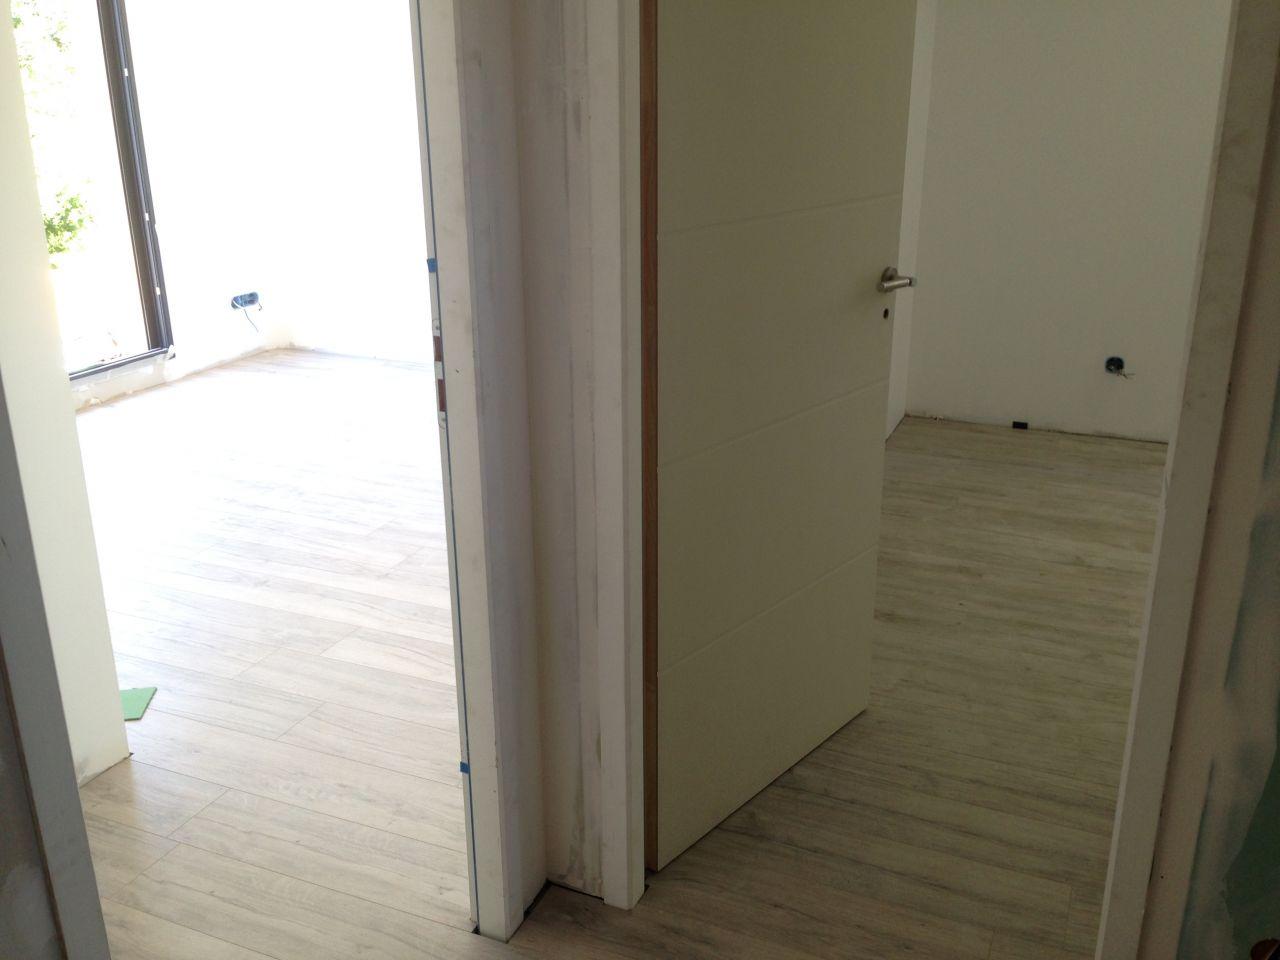 Parquet terminé dans deux chambres sur 3. Reste plinthes à poser.